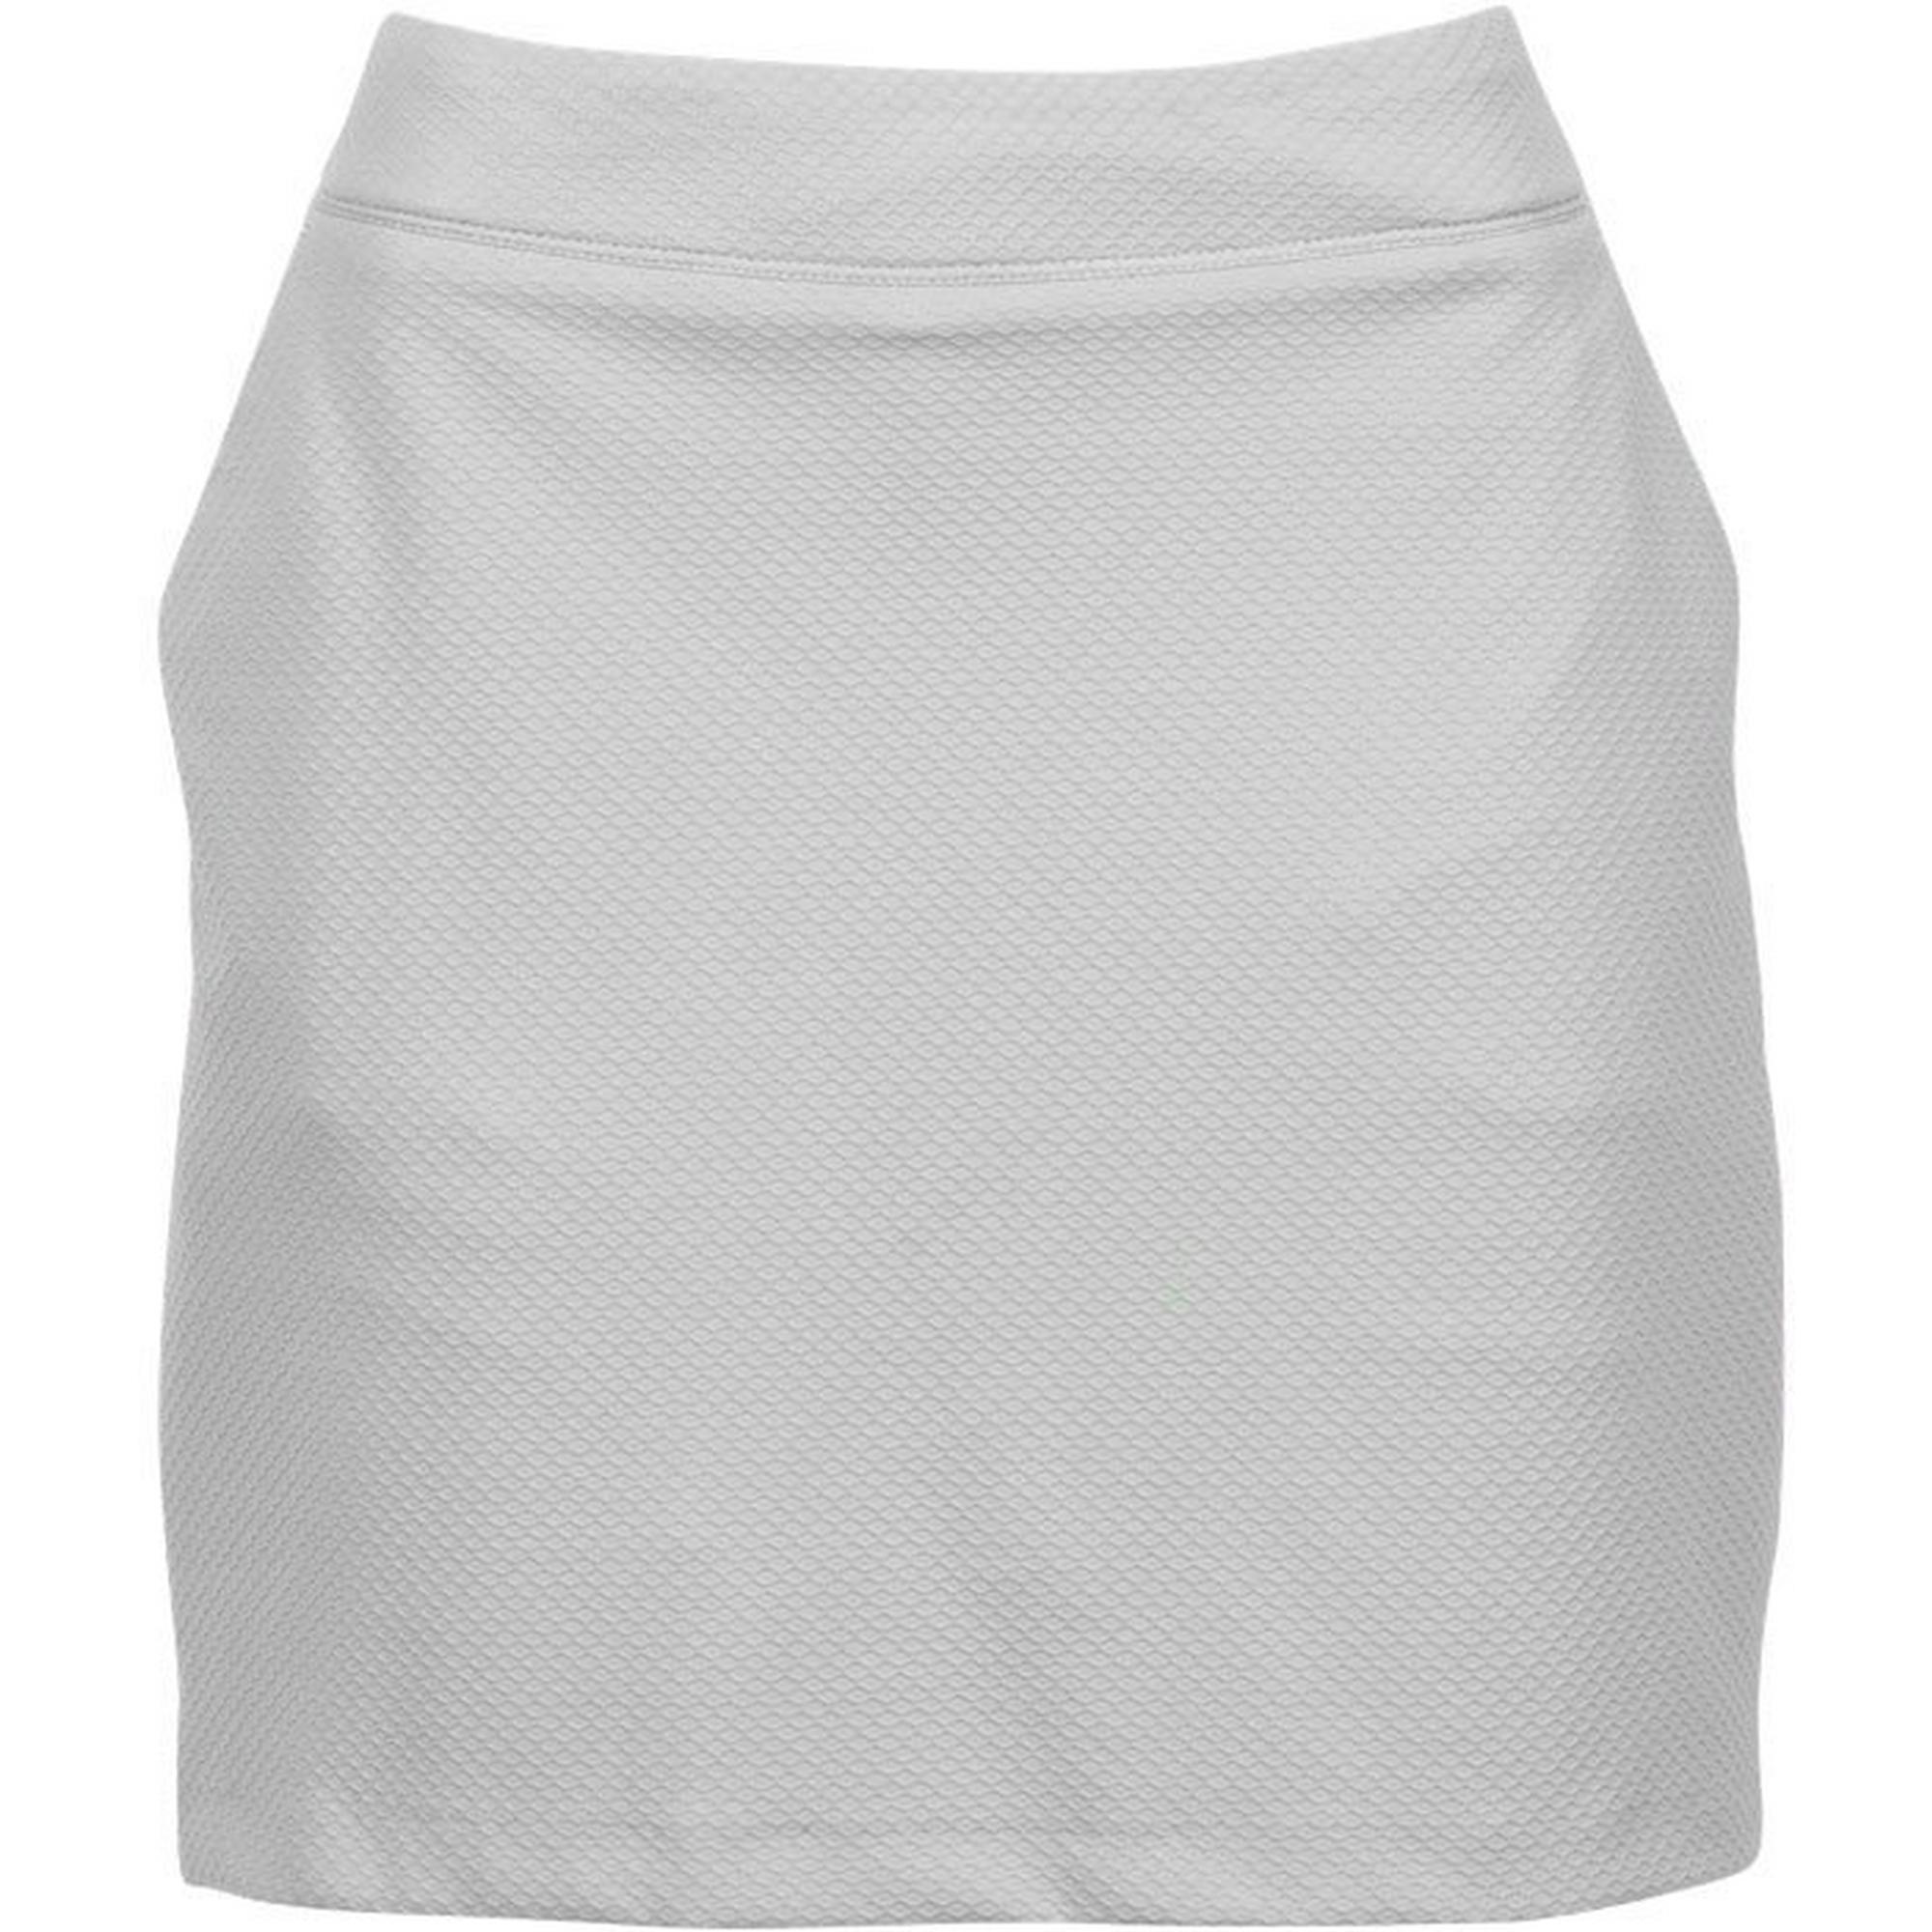 Women's Textured 18 Inch Skort